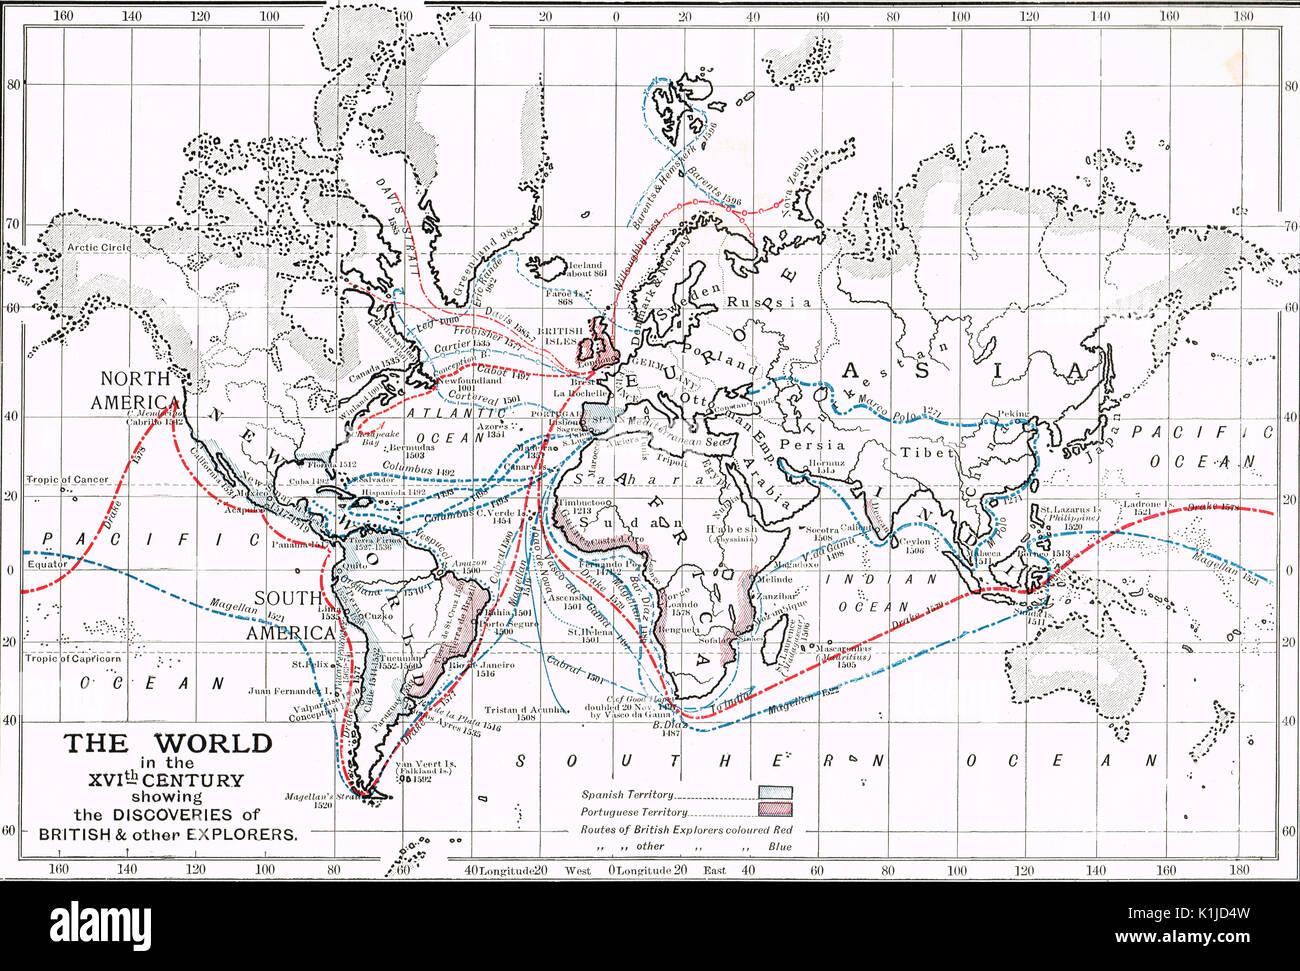 Weltkarte des 16. Jahrhunderts zeigen die Erkenntnisse der Britischen und anderen Entdeckern Stockbild